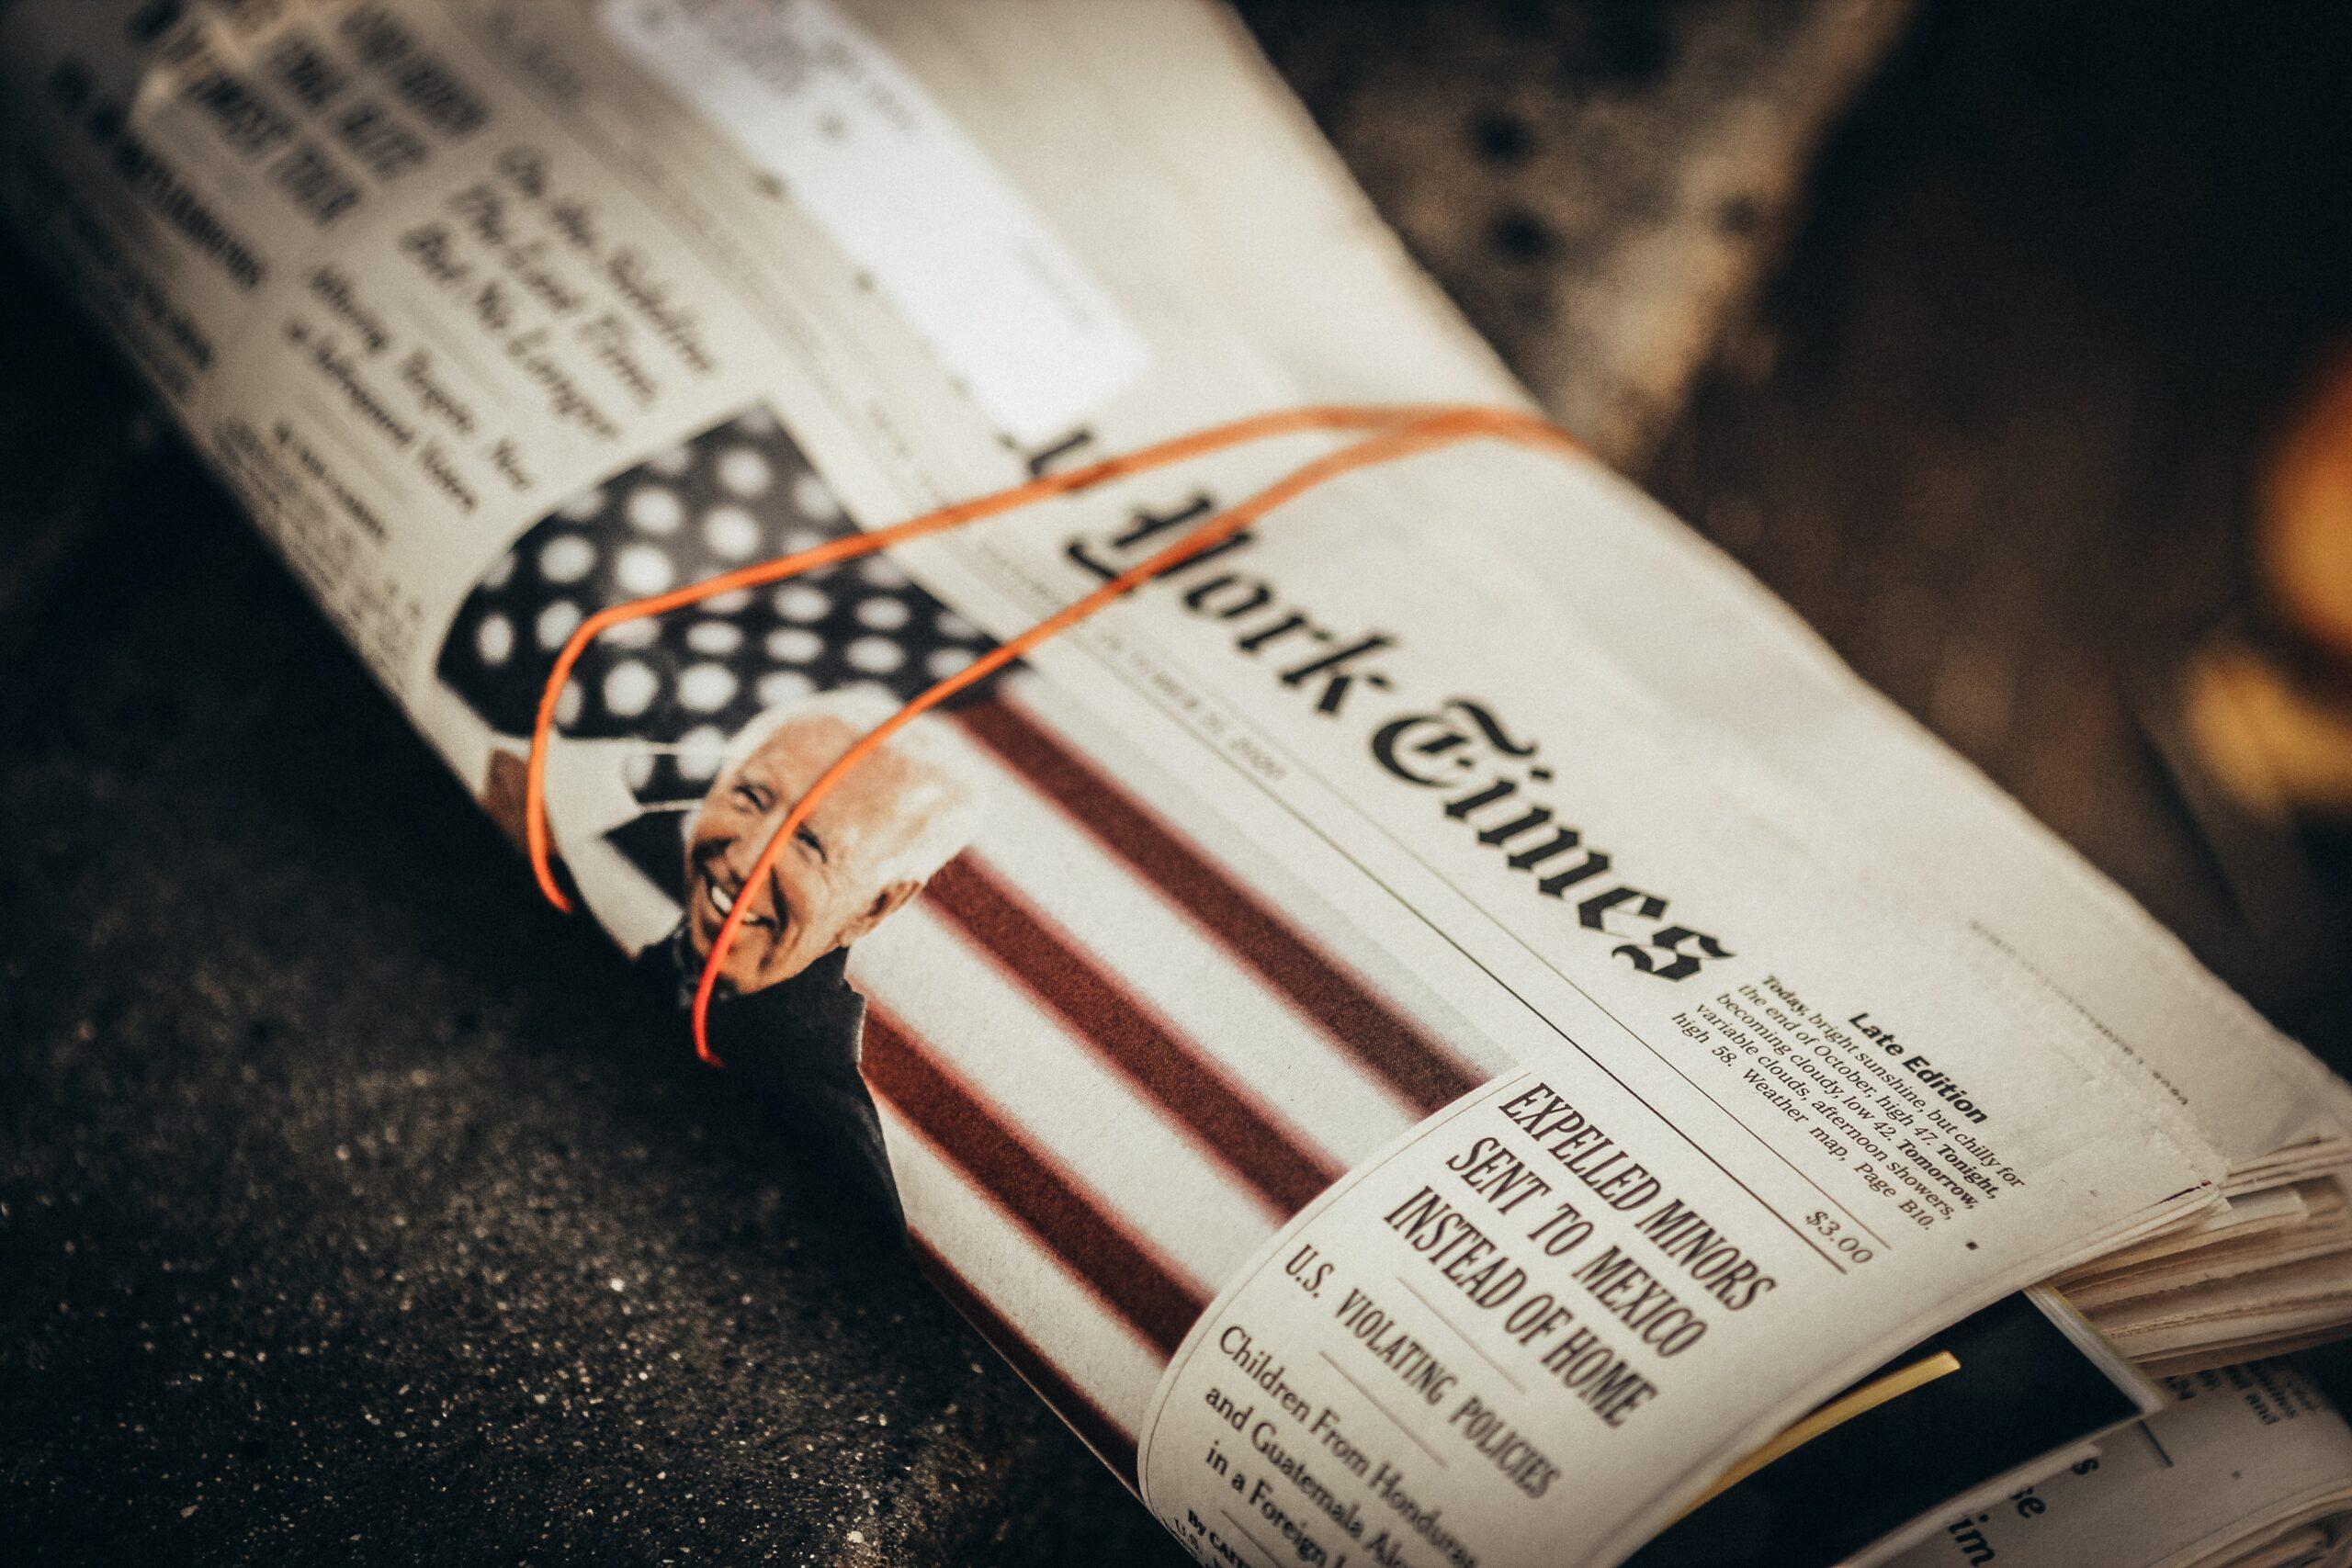 A New York Times még a New York-i antiszemita támadásokat is elhallgatja